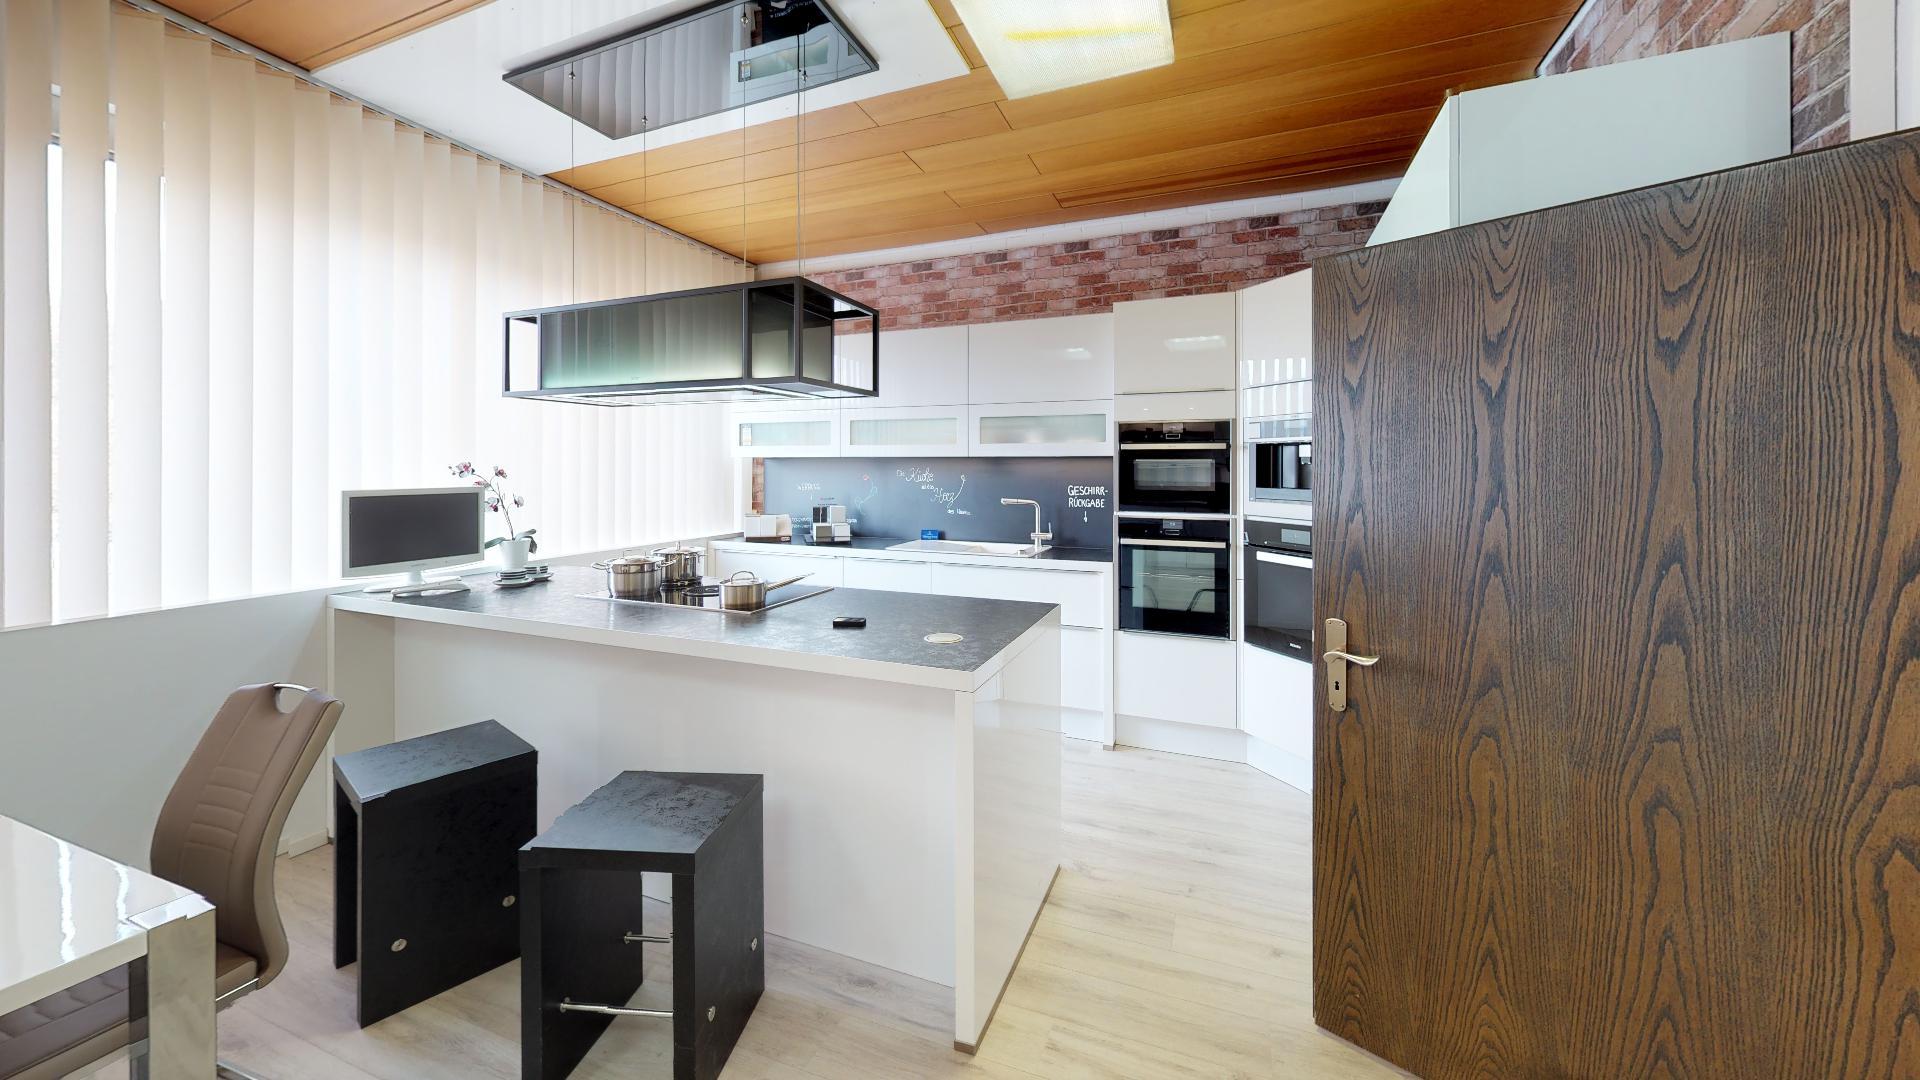 Kuchen-Studio-Herborn-Kitchen(2)